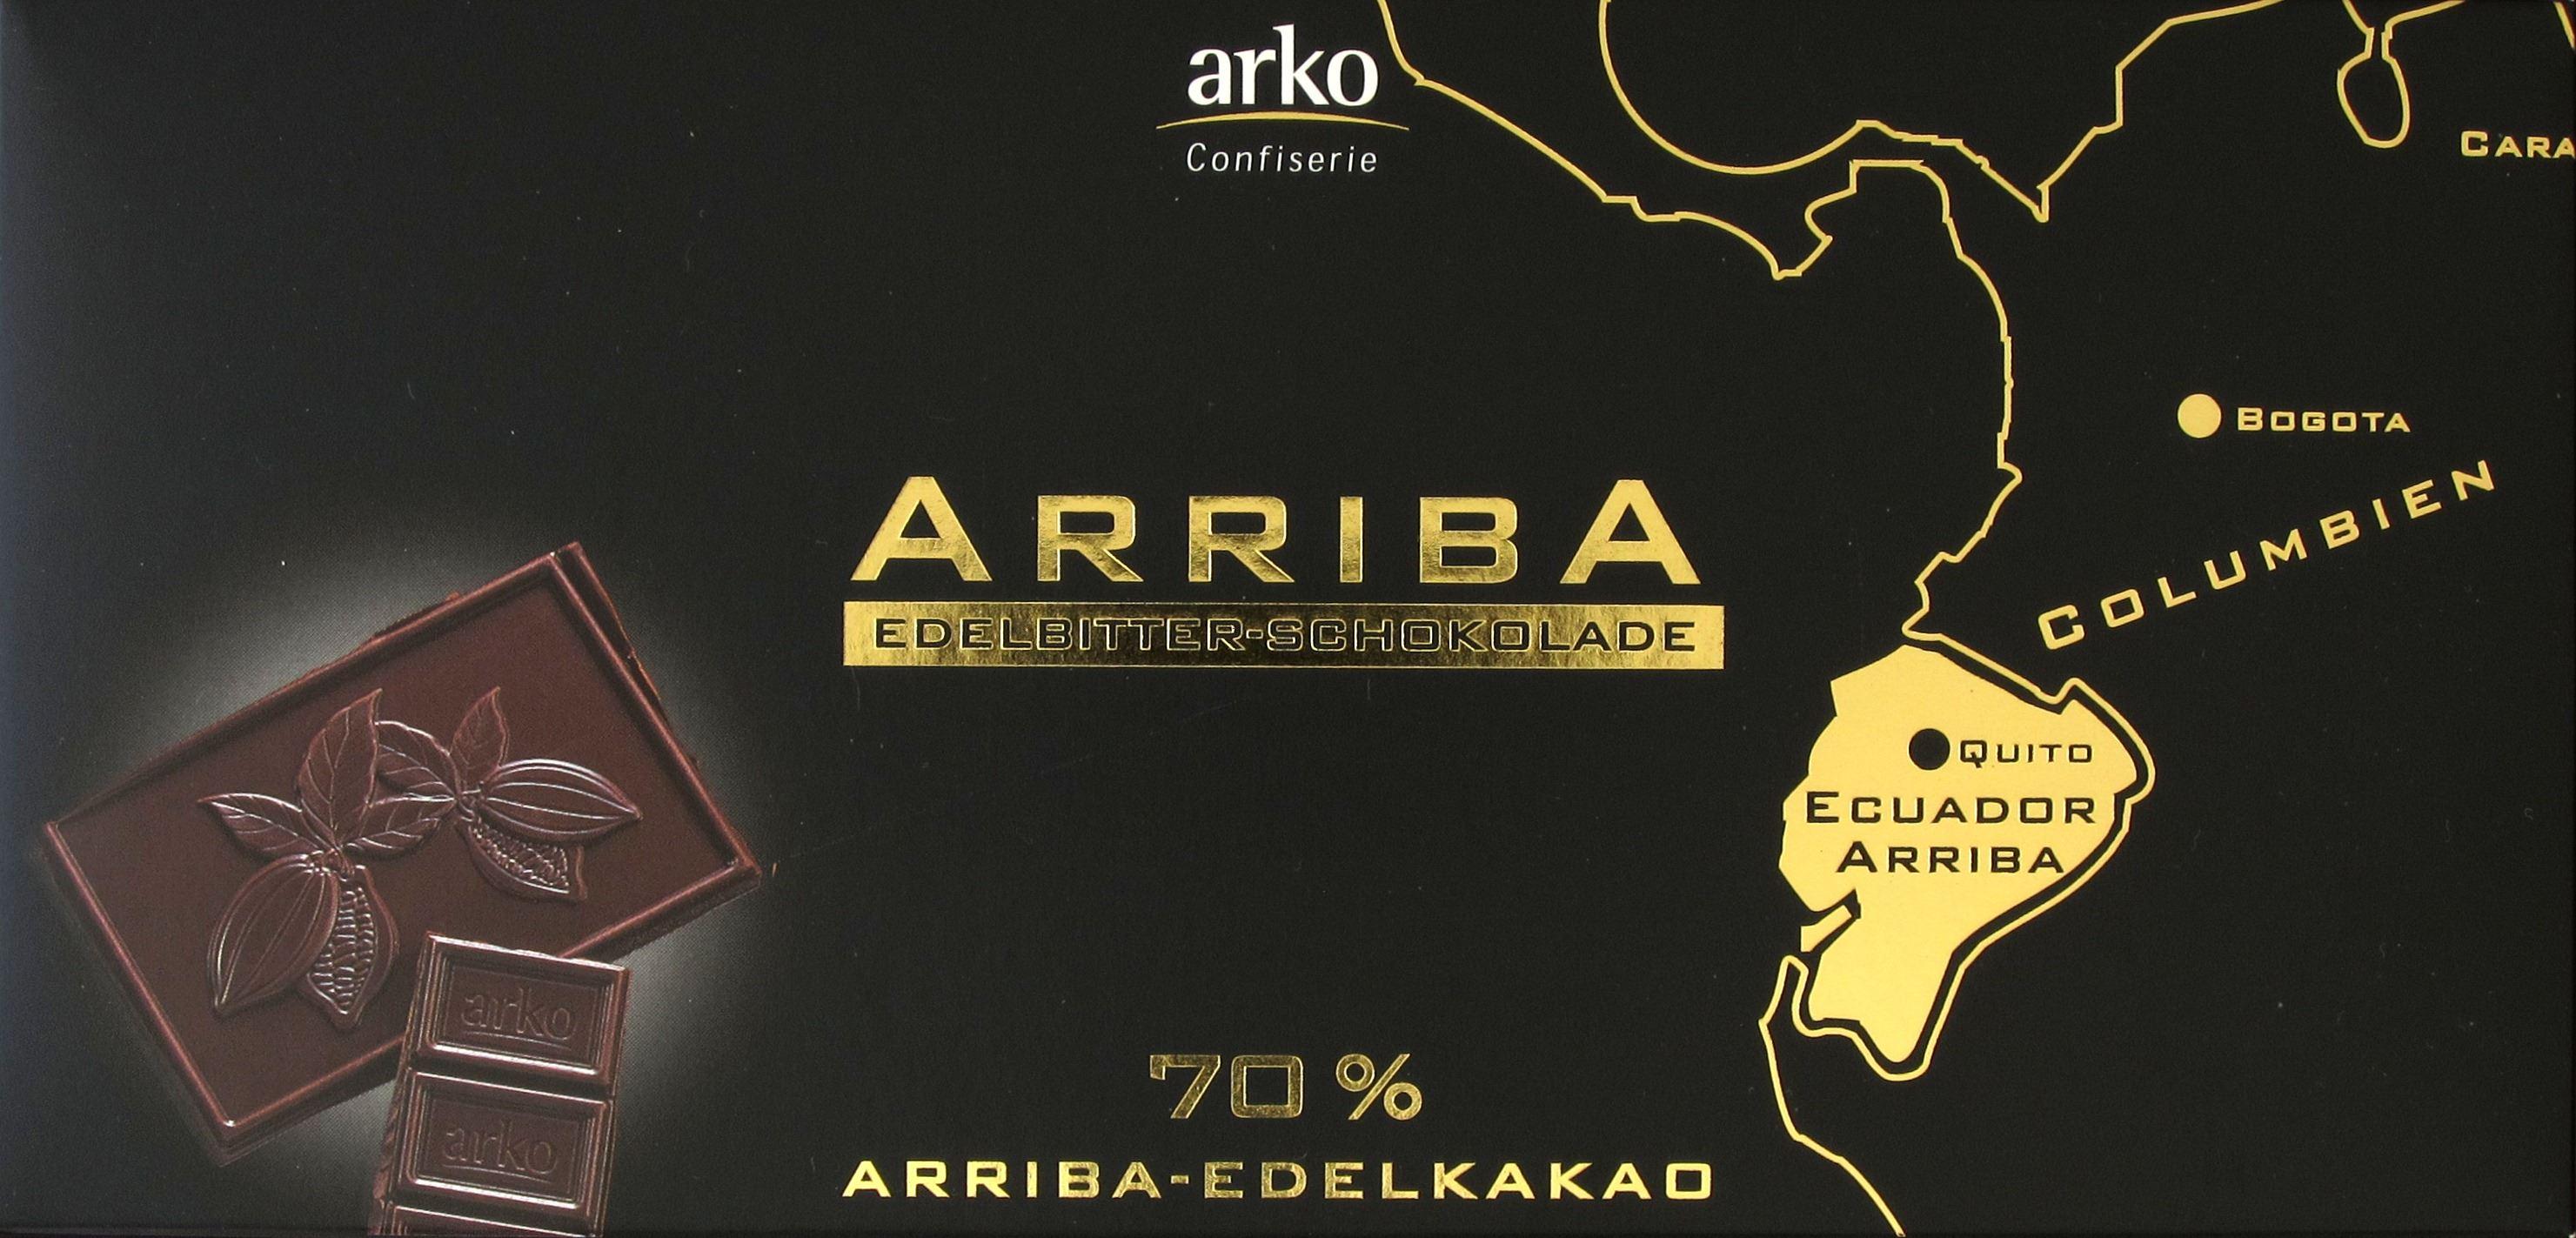 Vorderseite einer Packung Arko Arriba Edelbitter Schokolade